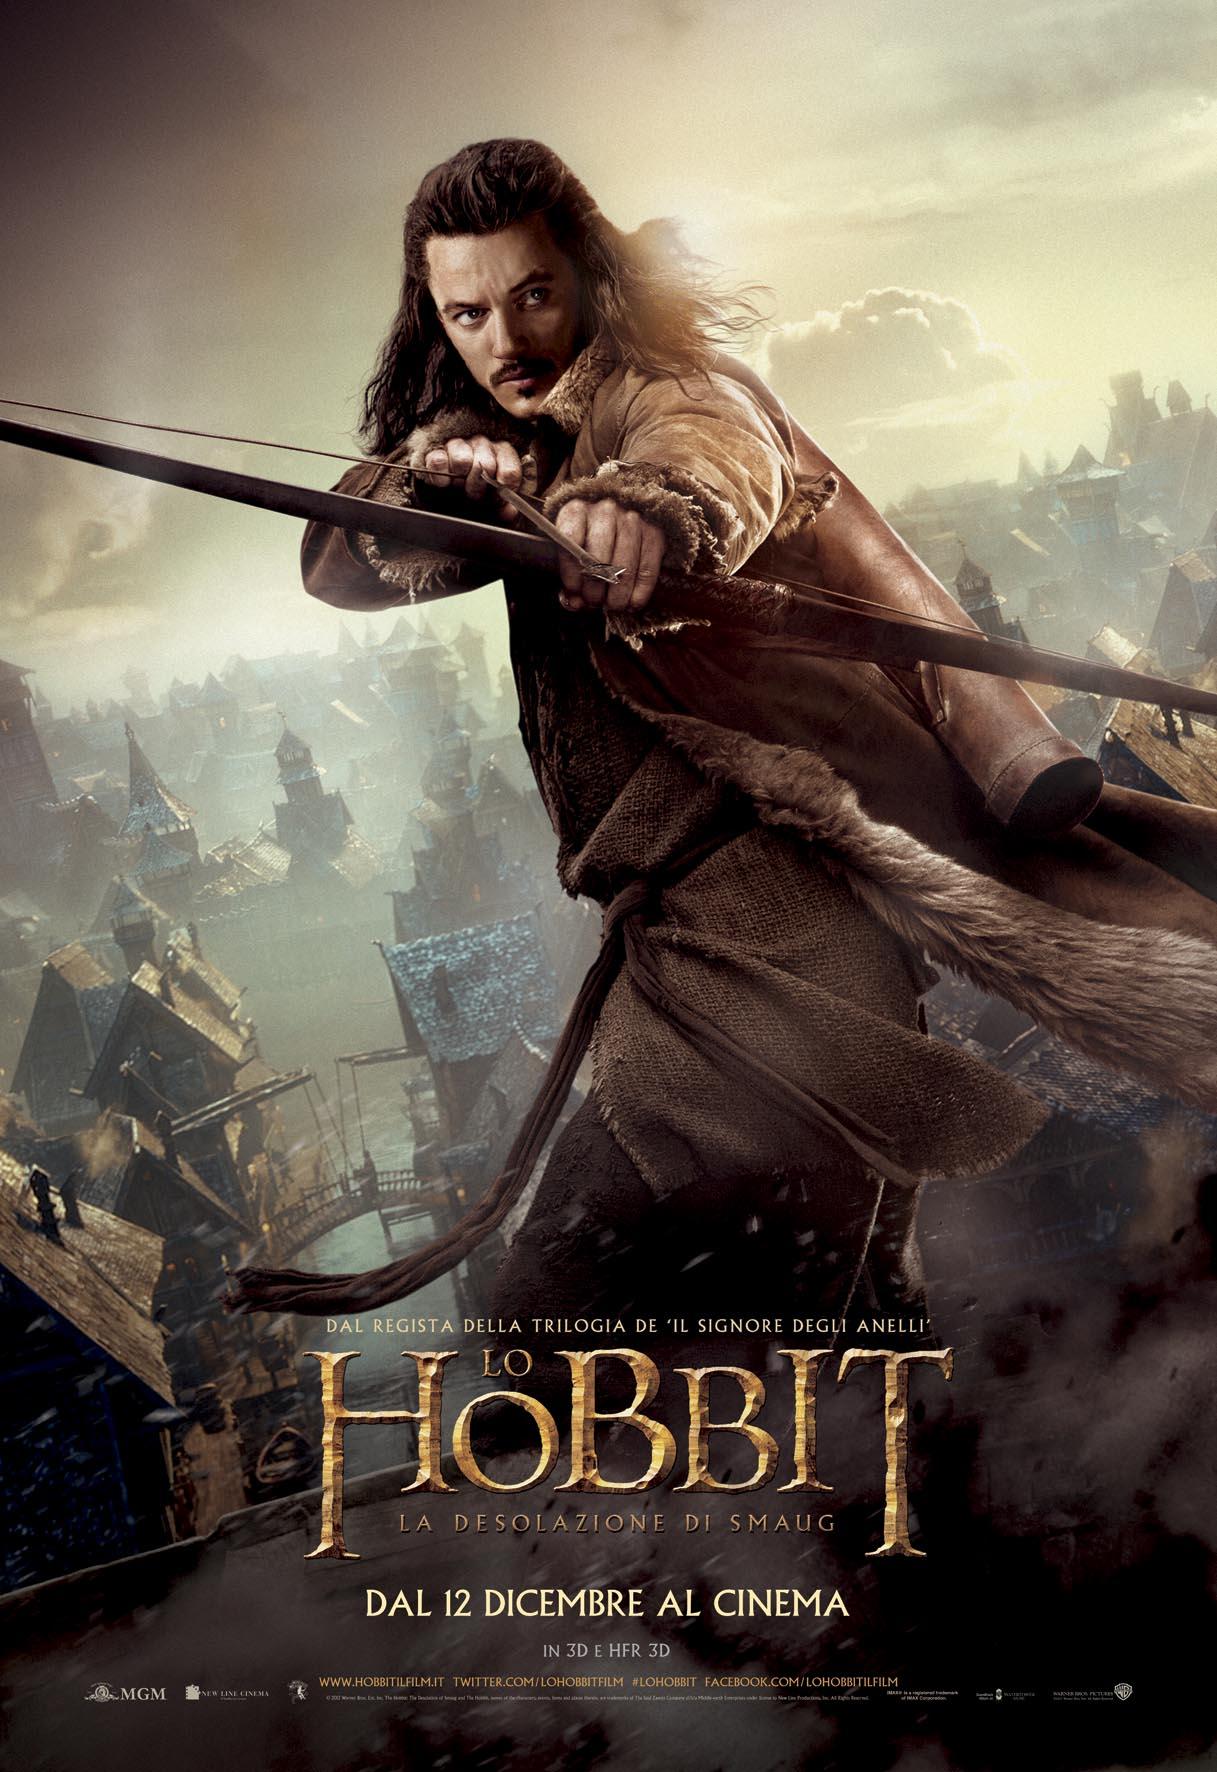 Lo hobbit dal libro al film cosa è stato stravolto